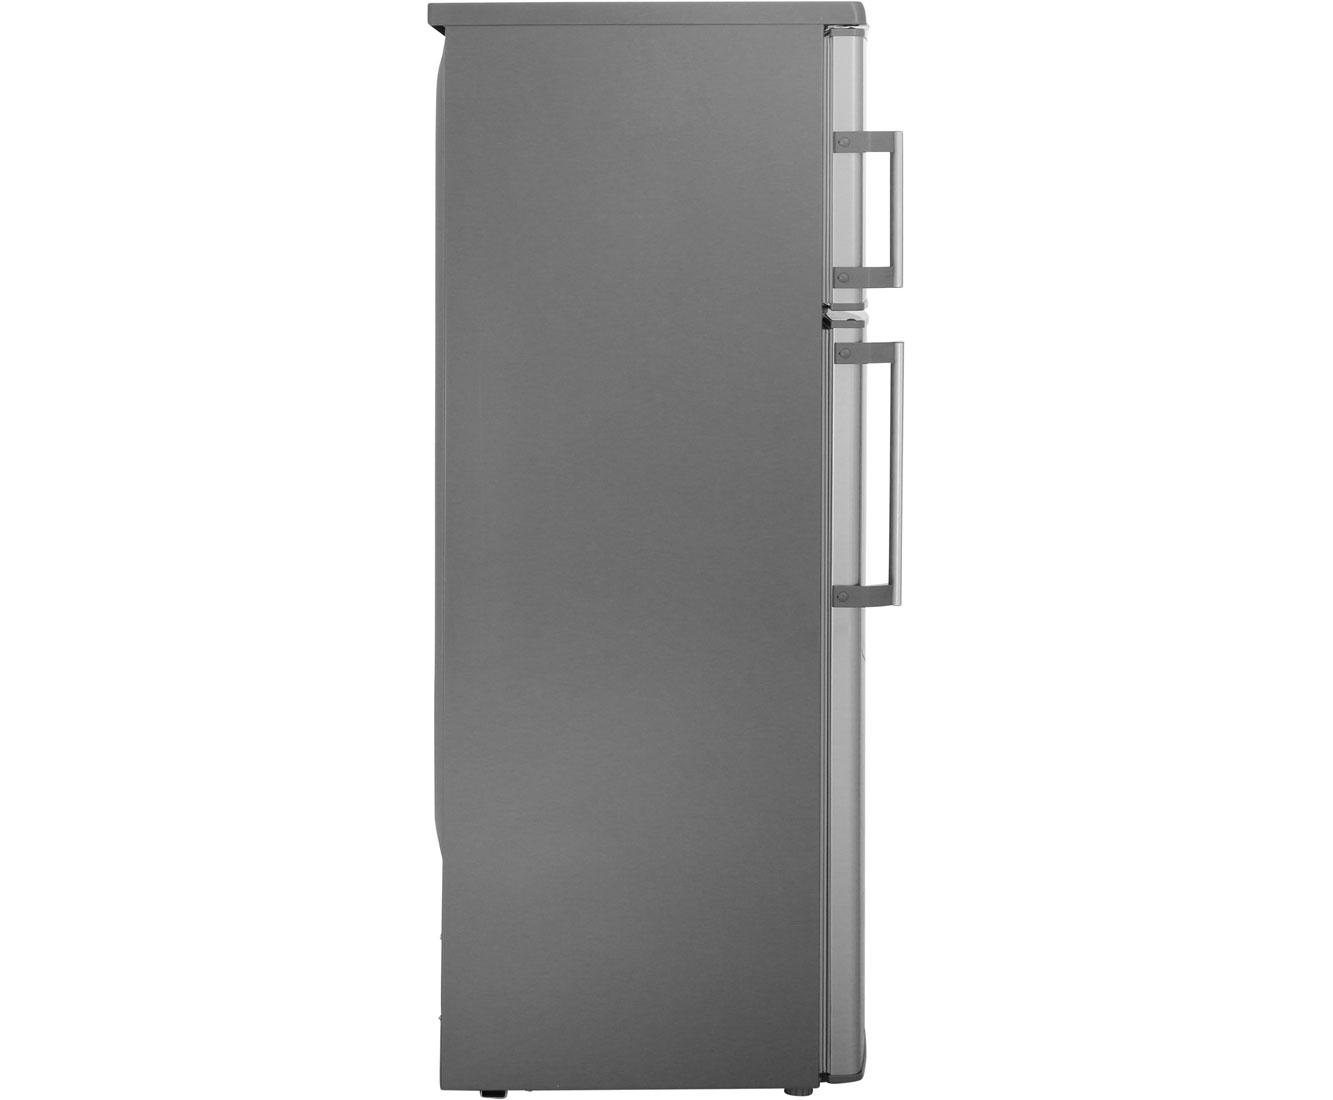 Amica Kühlschrank Flaschenablage : Amica kgc e kühl gefrierkombination er breite edelstahl